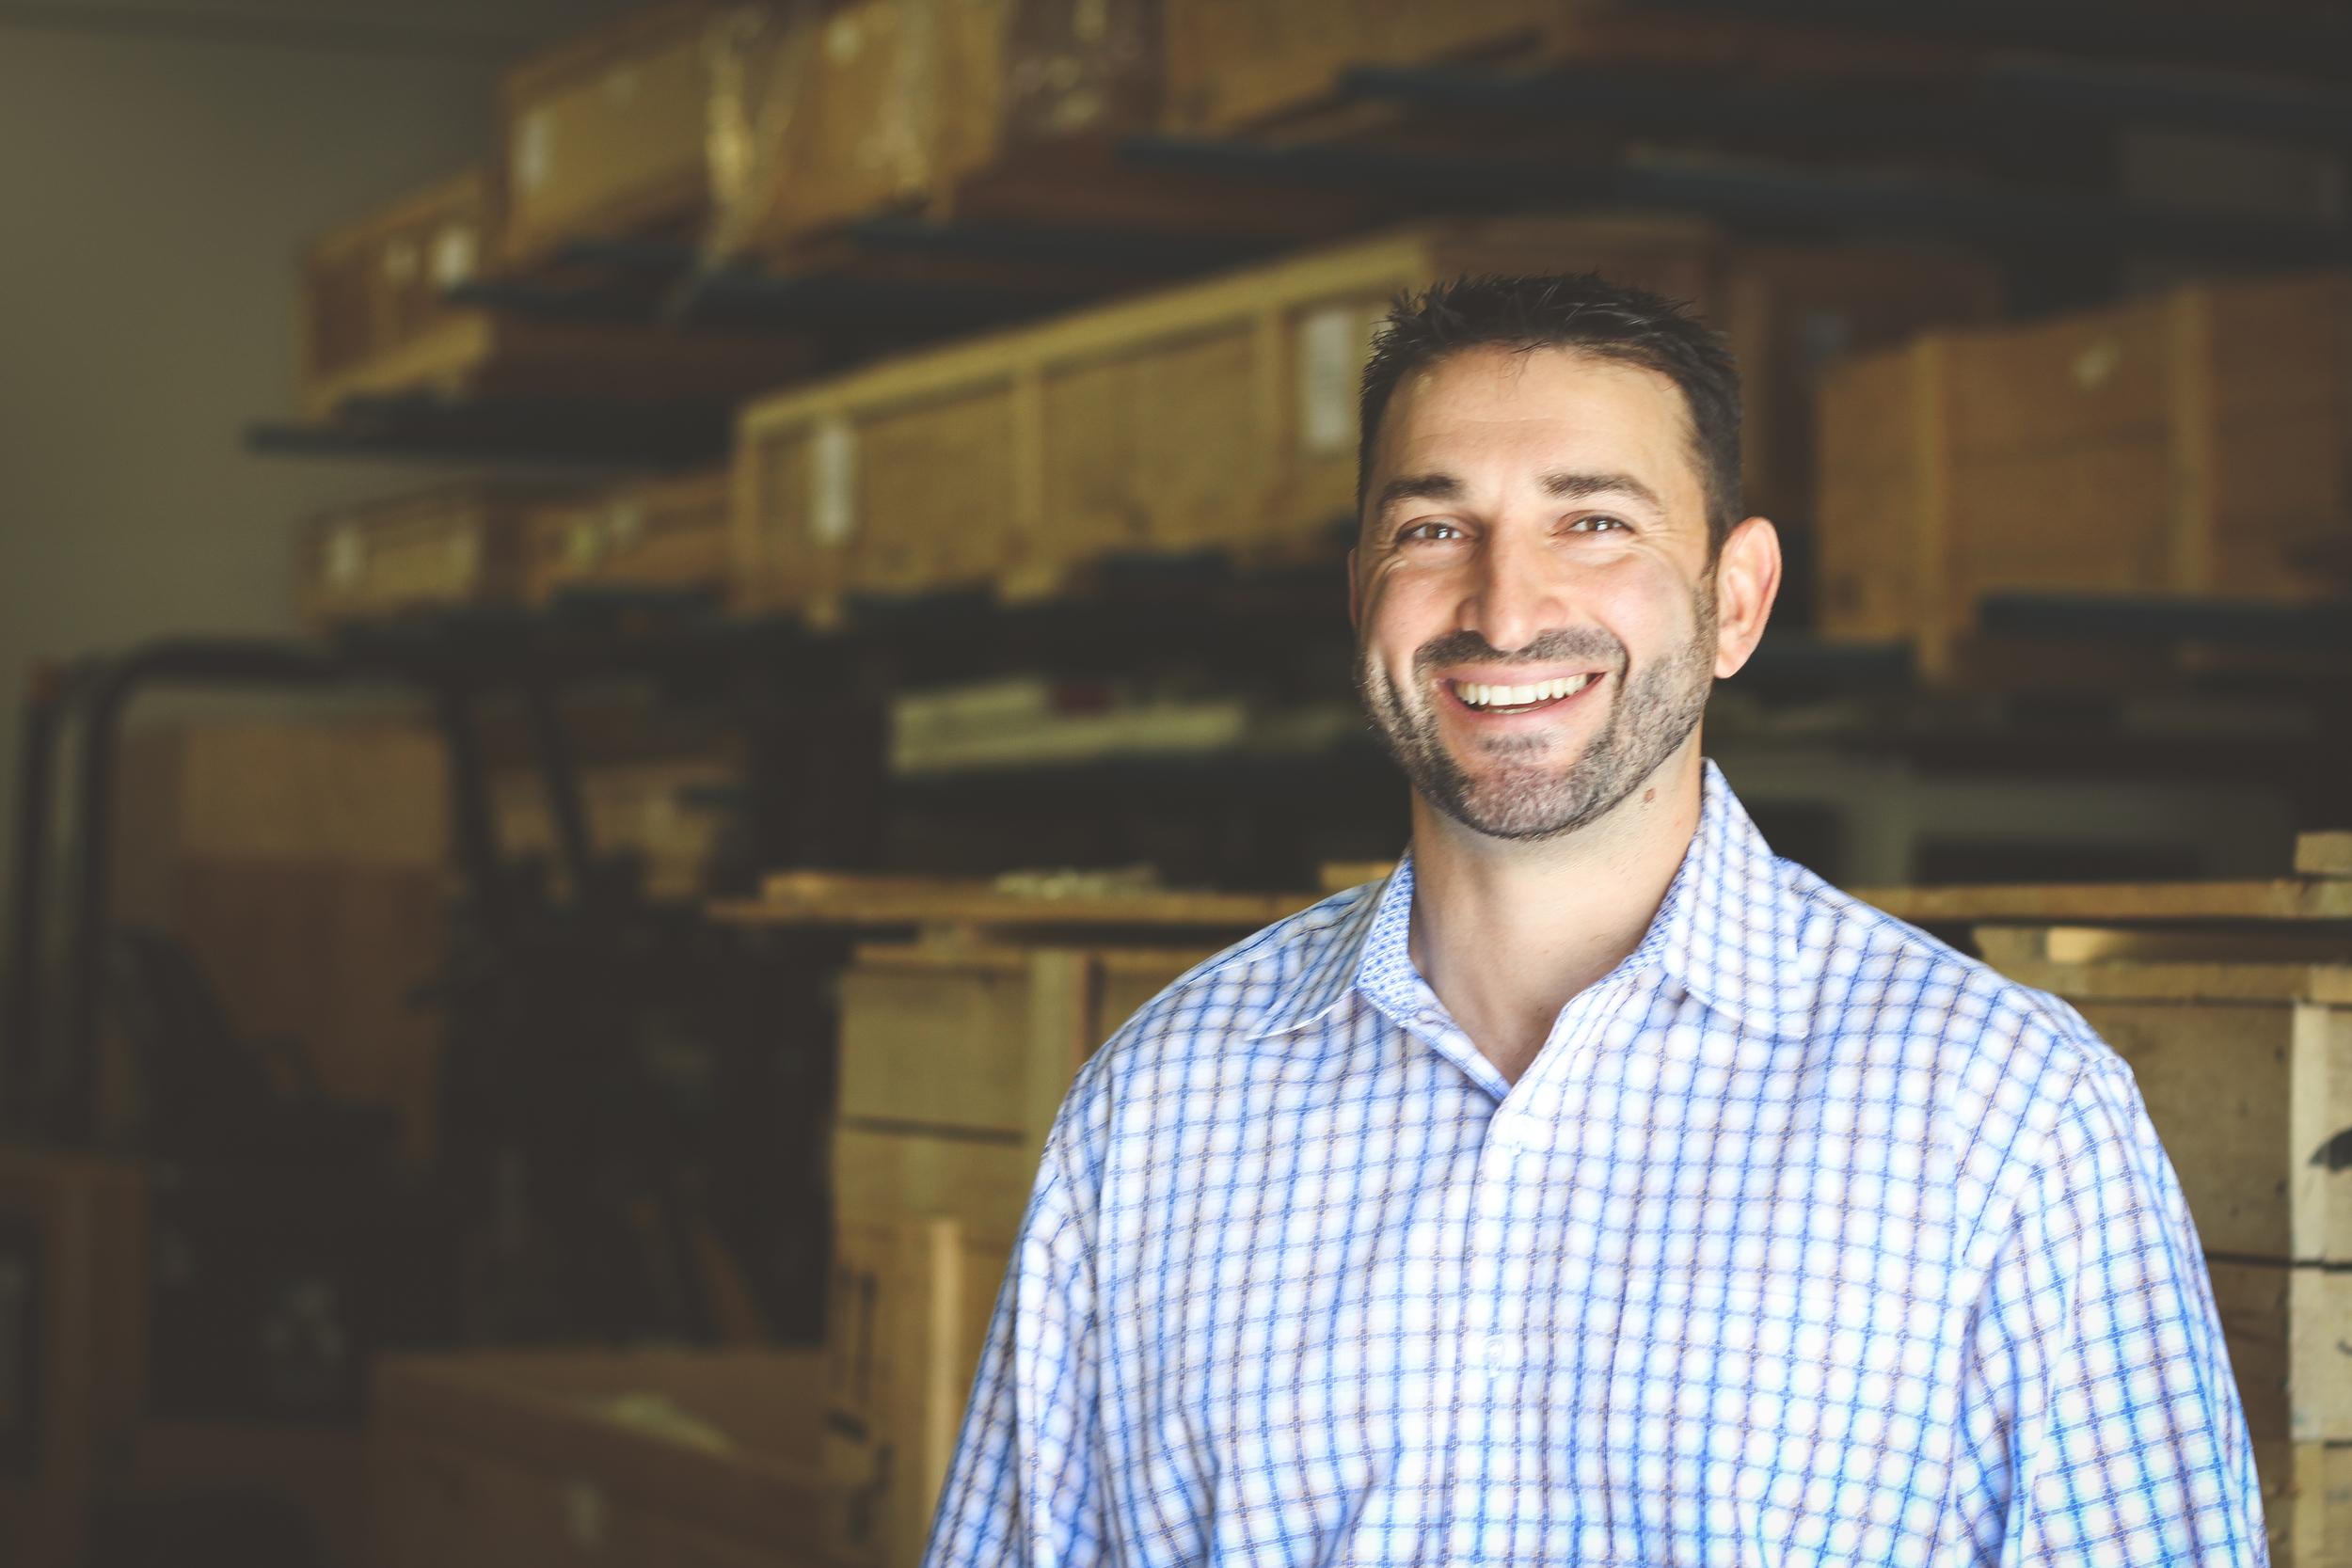 Alex Franco, Sales Leader at PSP Marketing